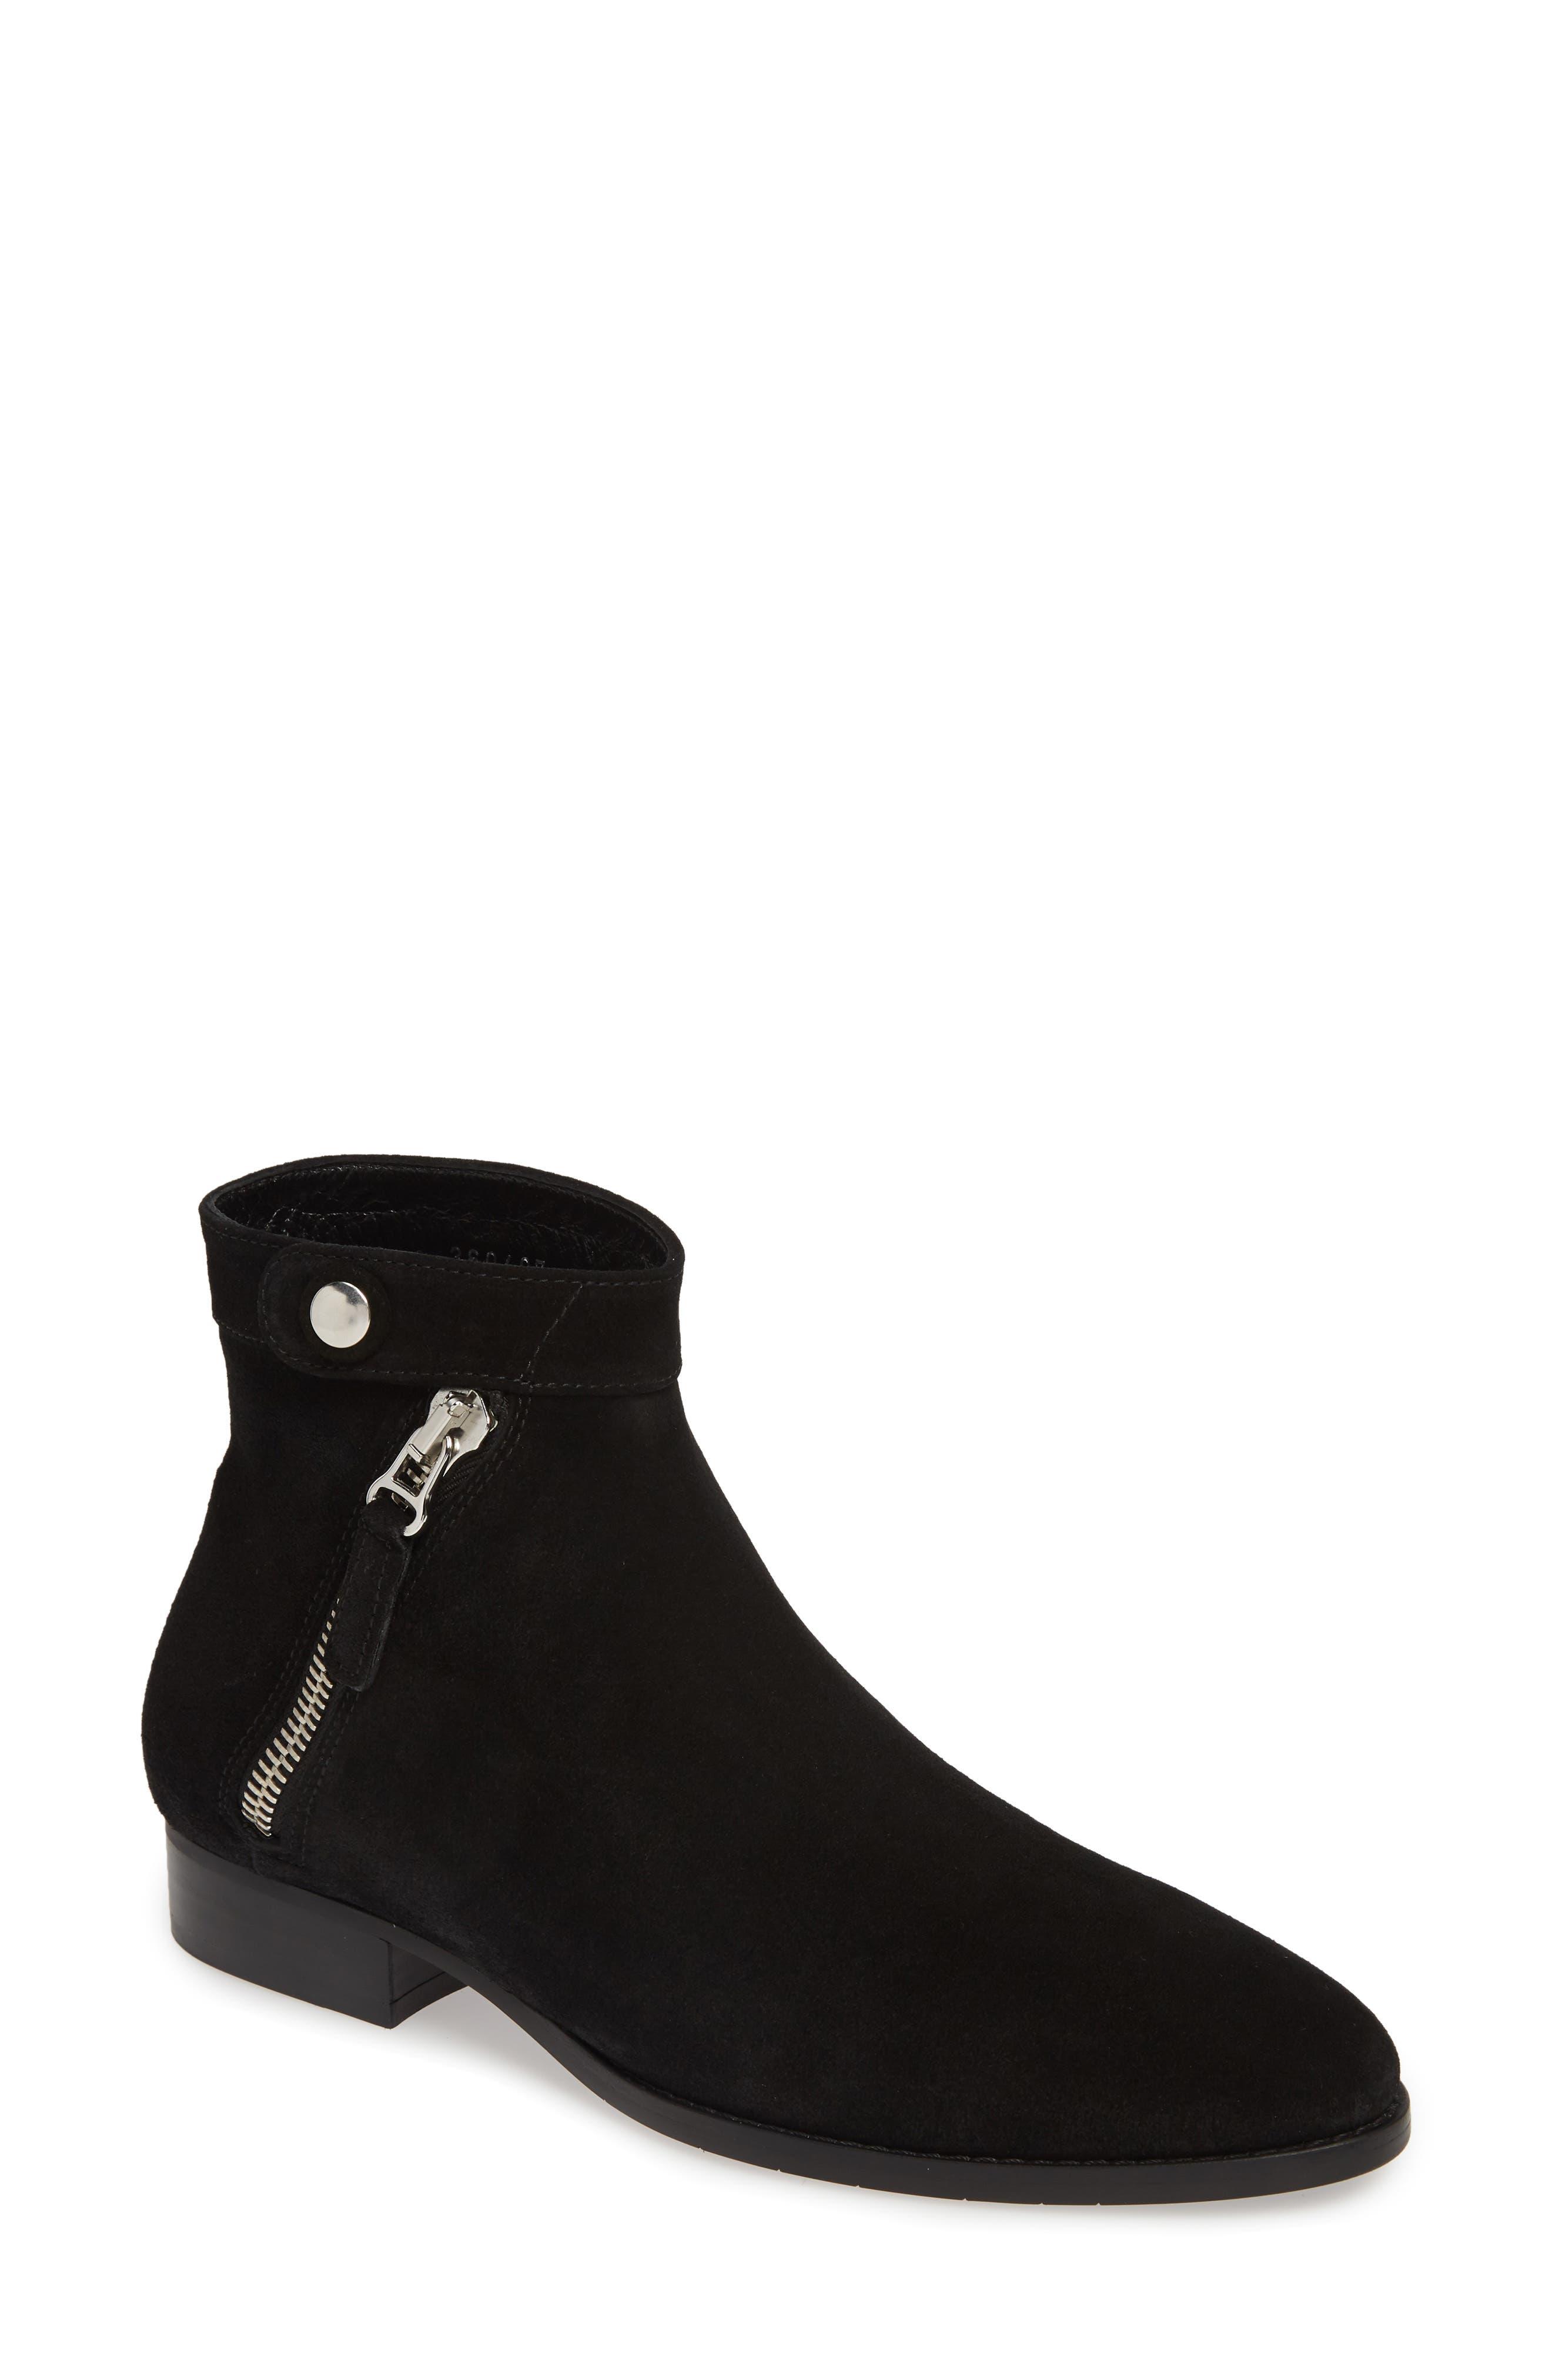 Aquatalia Rose Suede Boot- Black